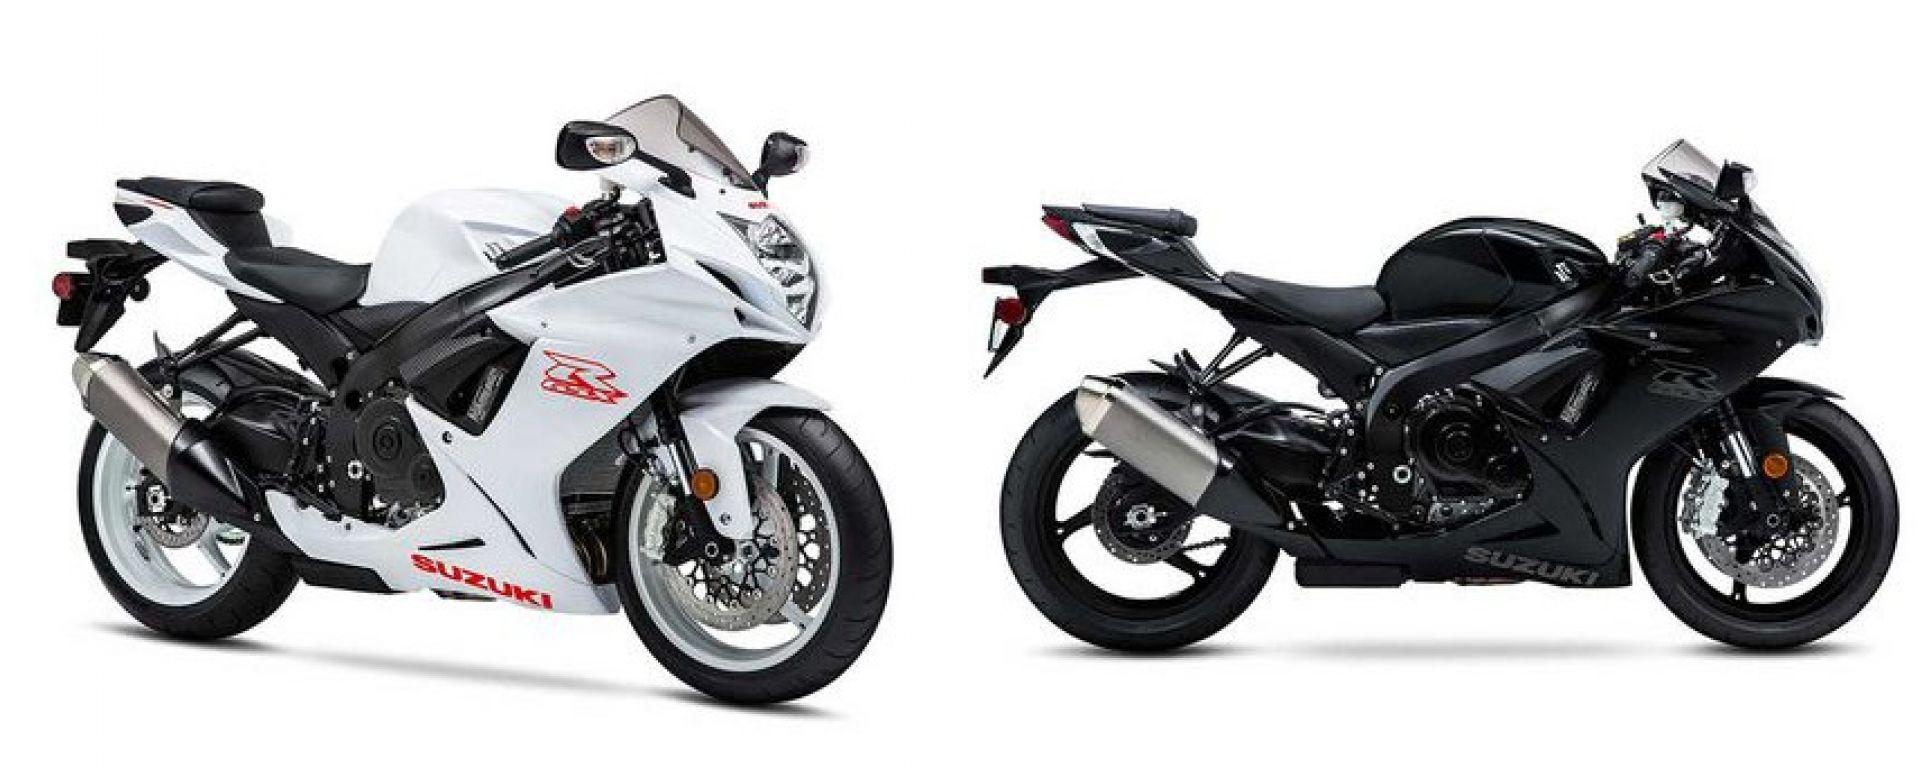 Suzuki GSX-R 600 2020: colori bianco e nero